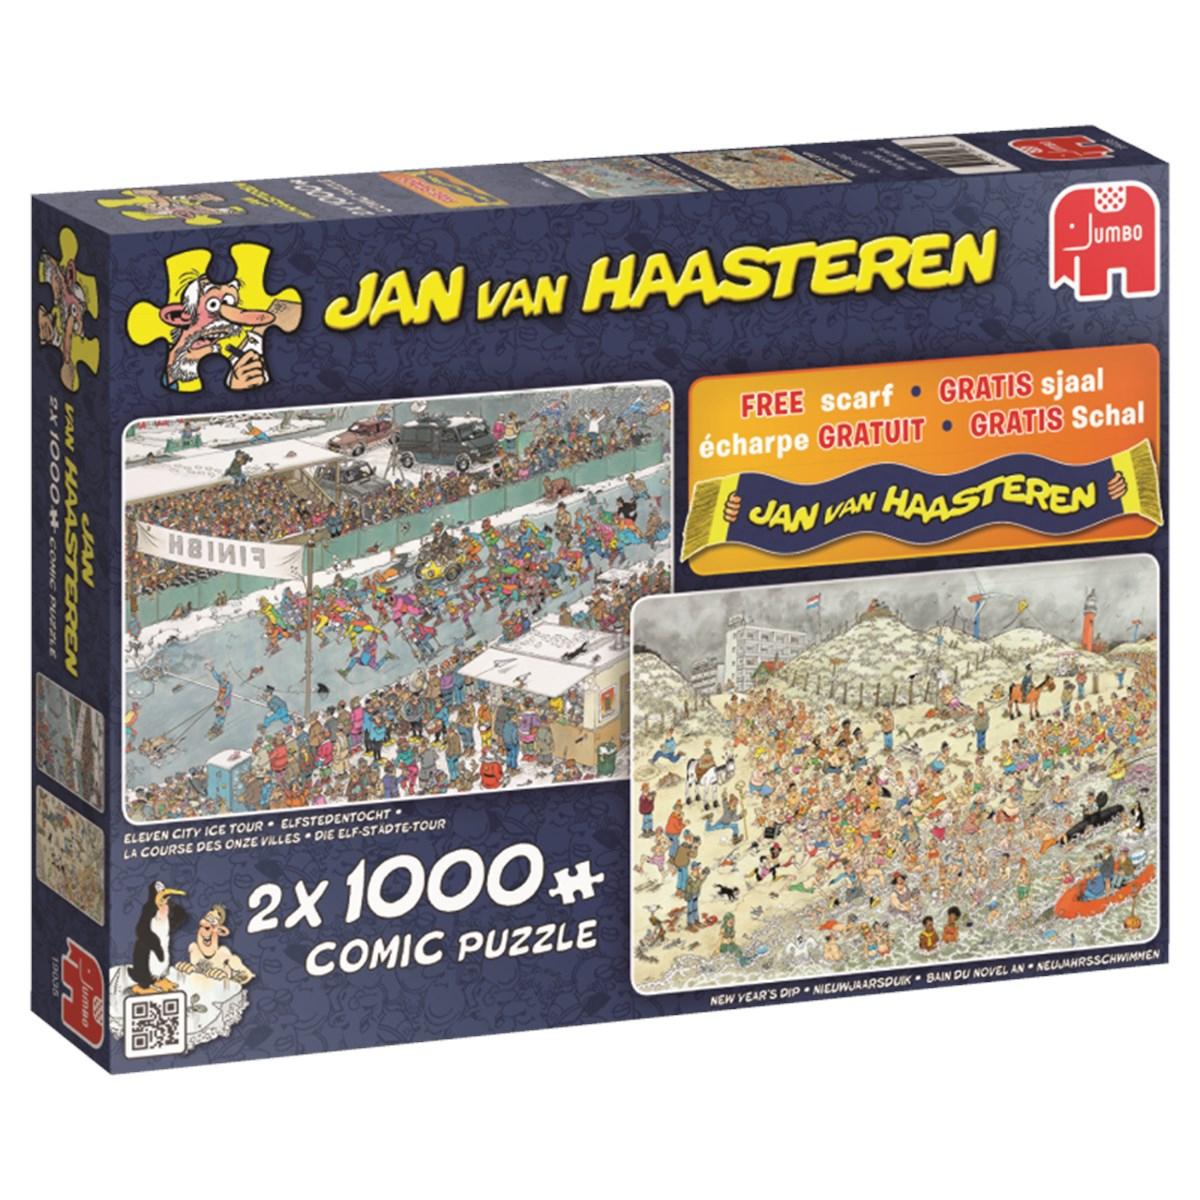 Kış Eğlenceleri, 2 X 1000 Parça concernant Puzzle Photo Gratuit